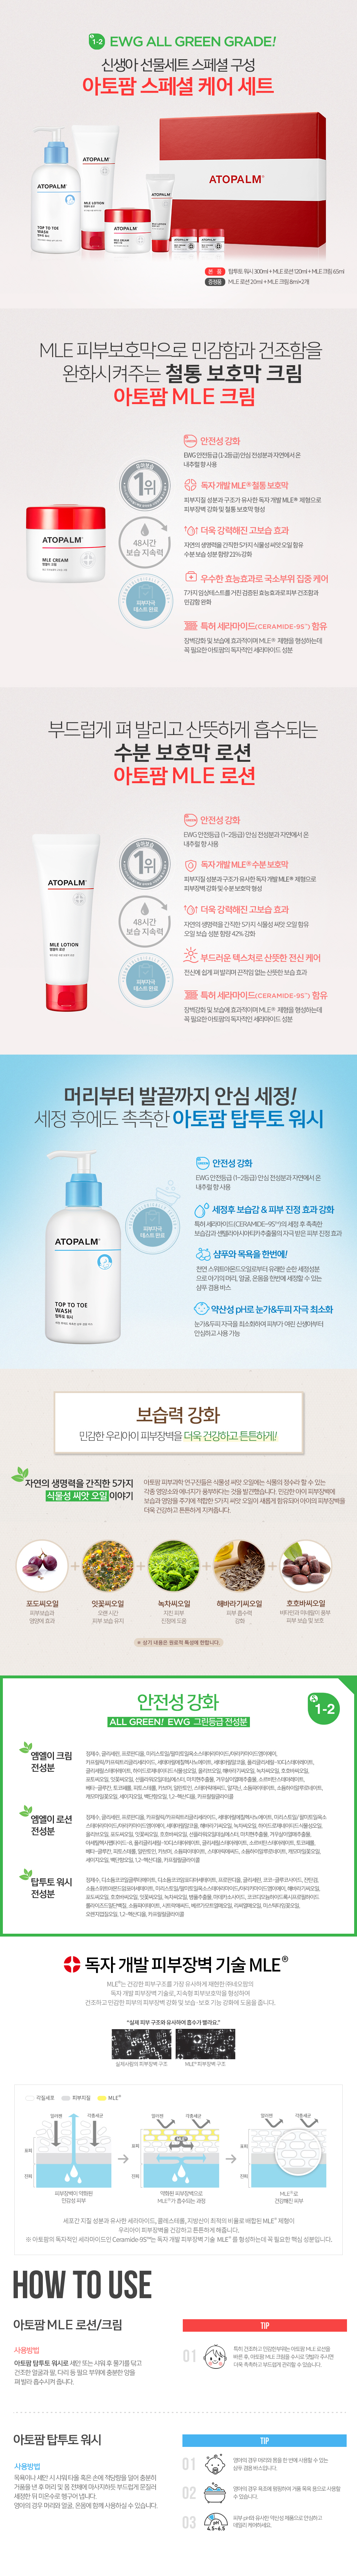 아토팜 스페셜 케어 세트